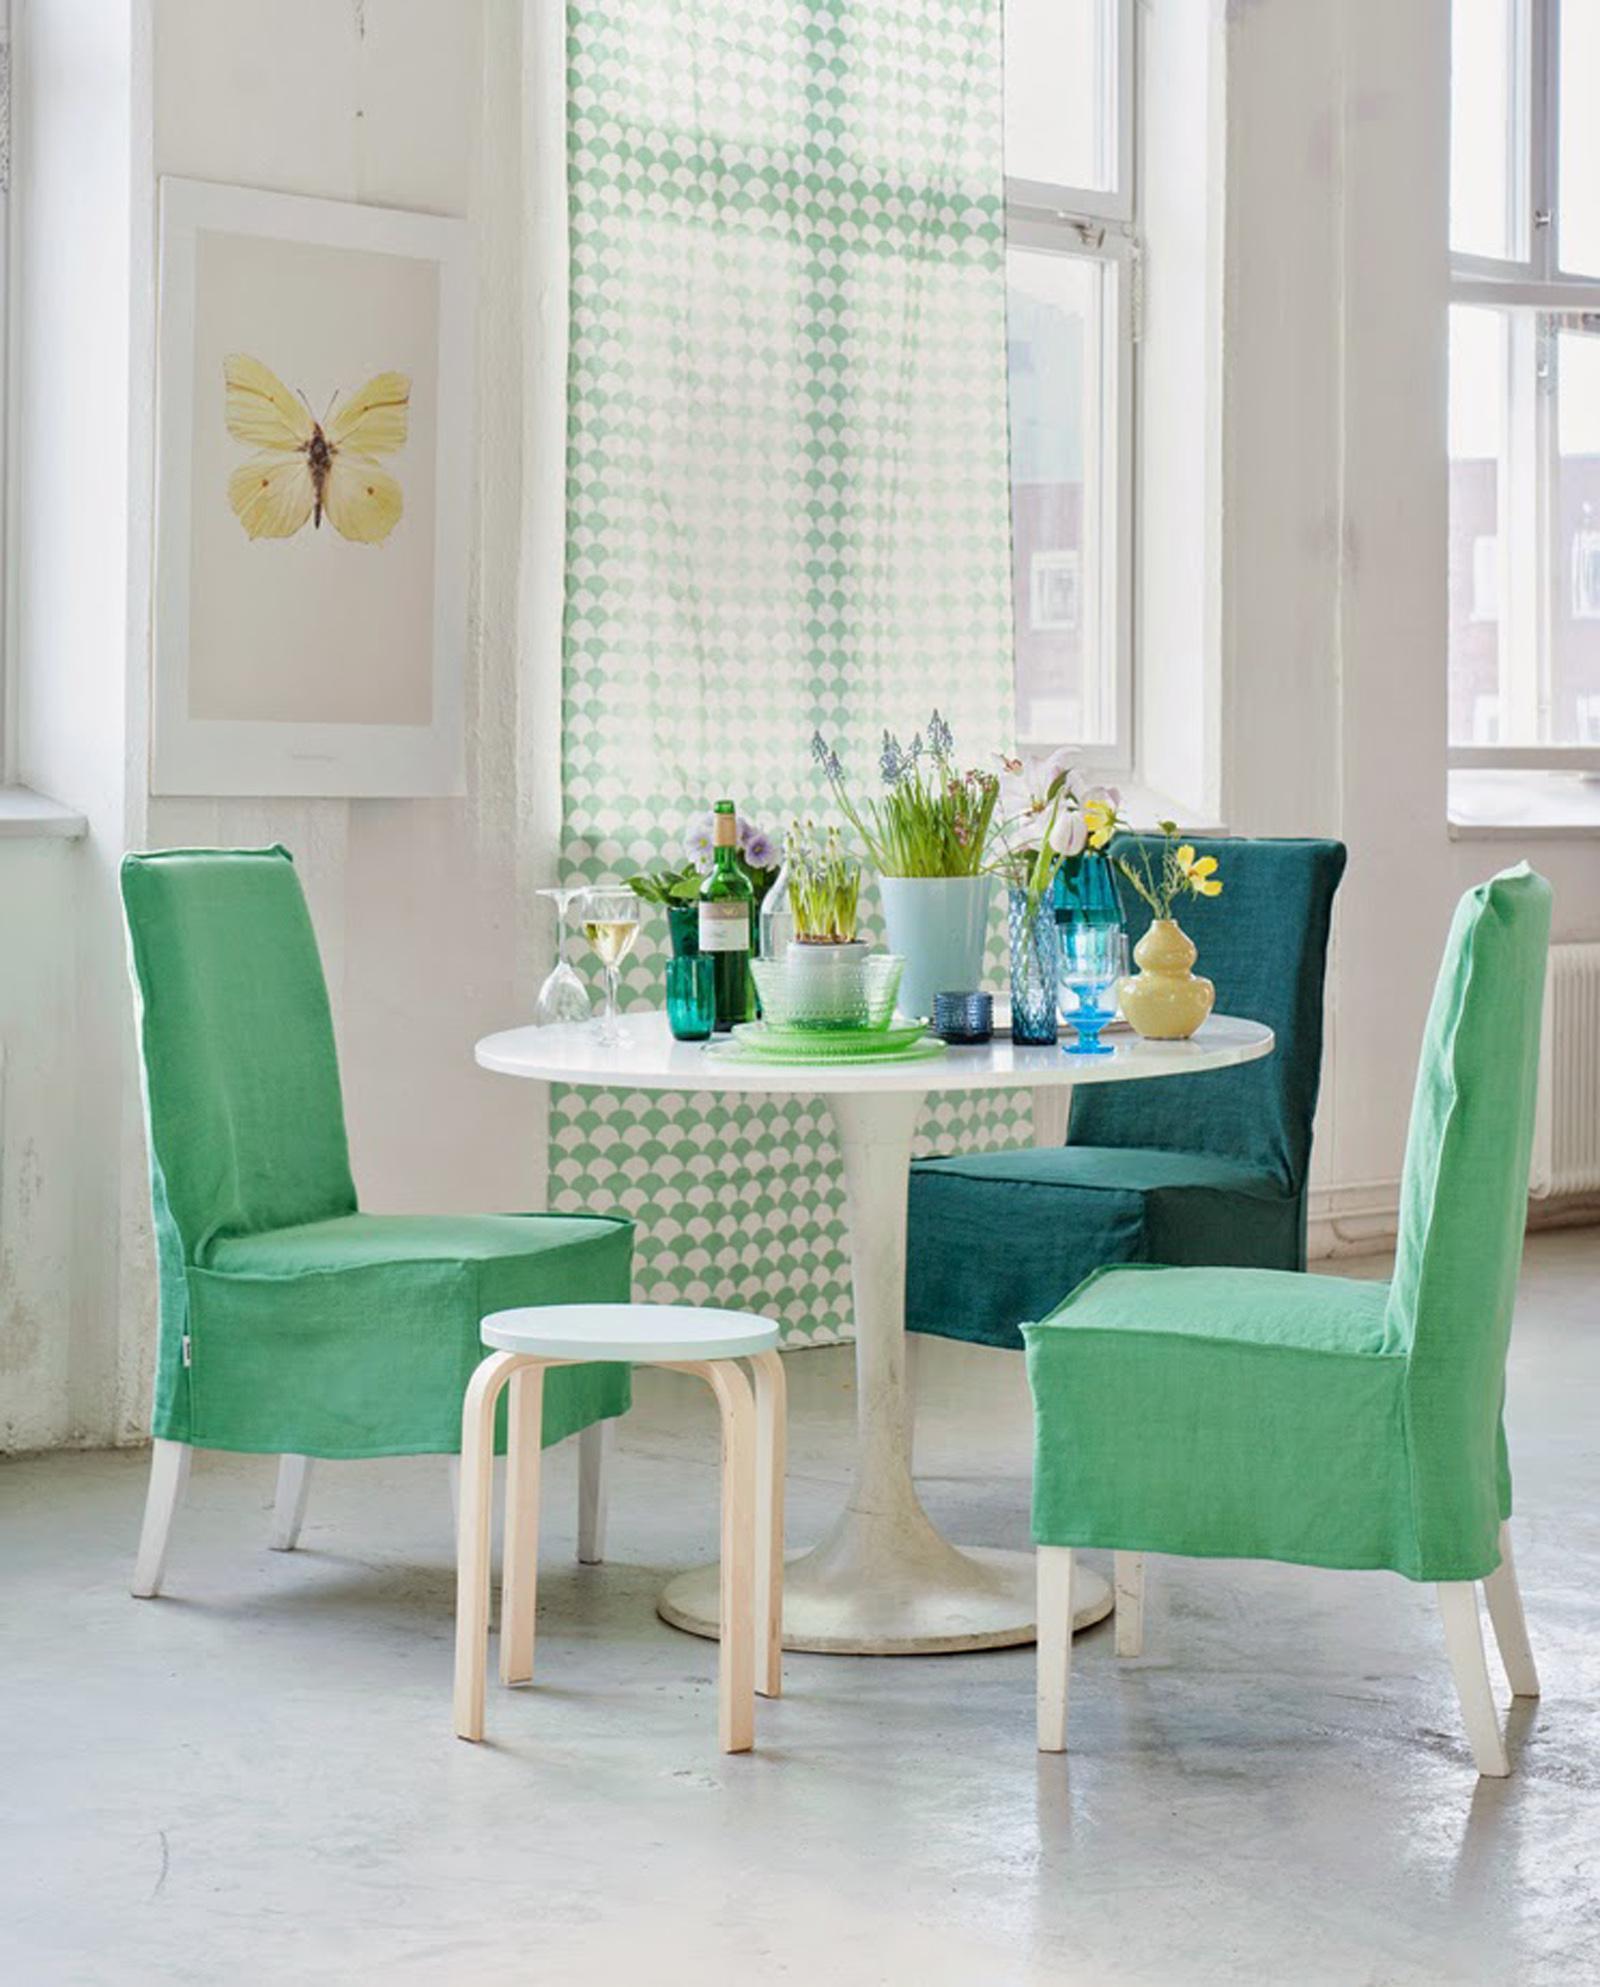 Farbliche Gestaltung Wohnzimmer ~ Stoffbezüge für farbliche gestaltung hocker esstis